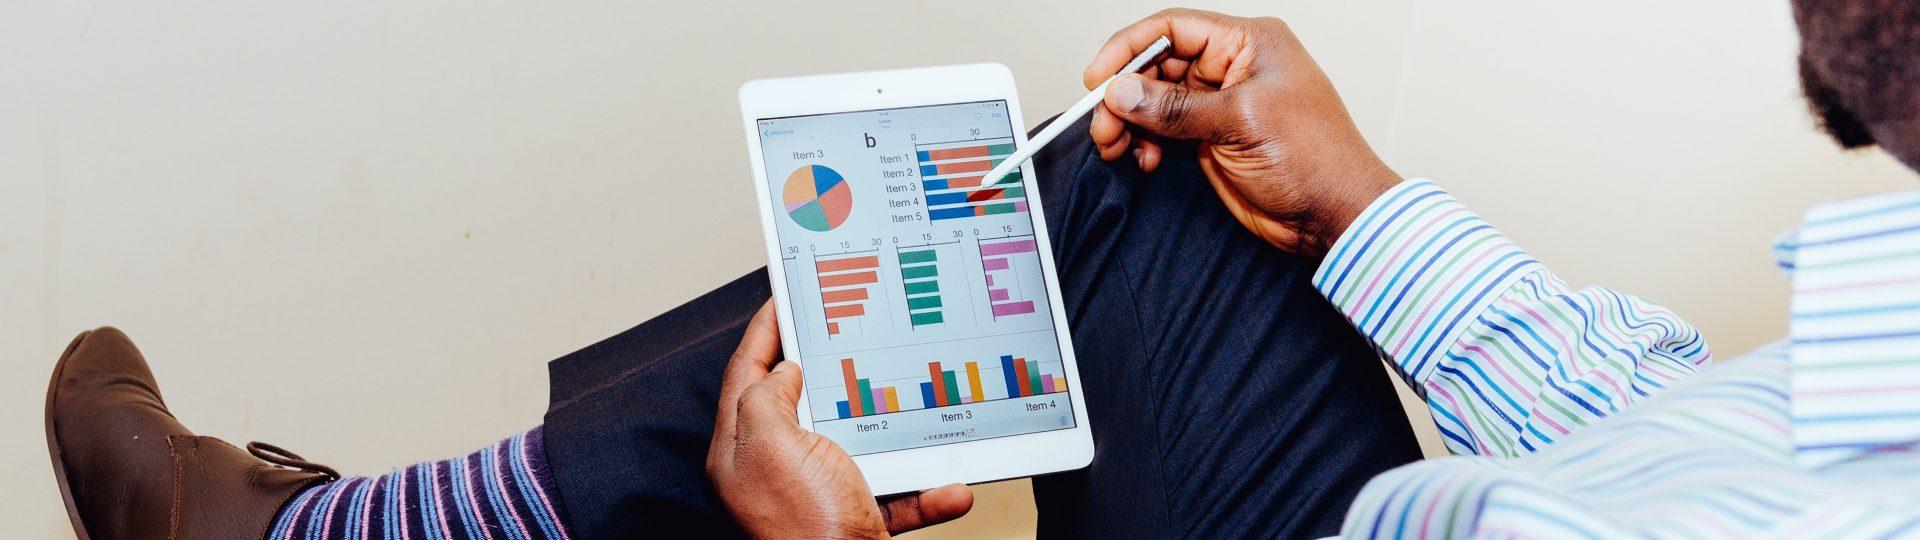 amaretis-werbeagentur-goettingen-agentur-Werbung-data-driven-marketing